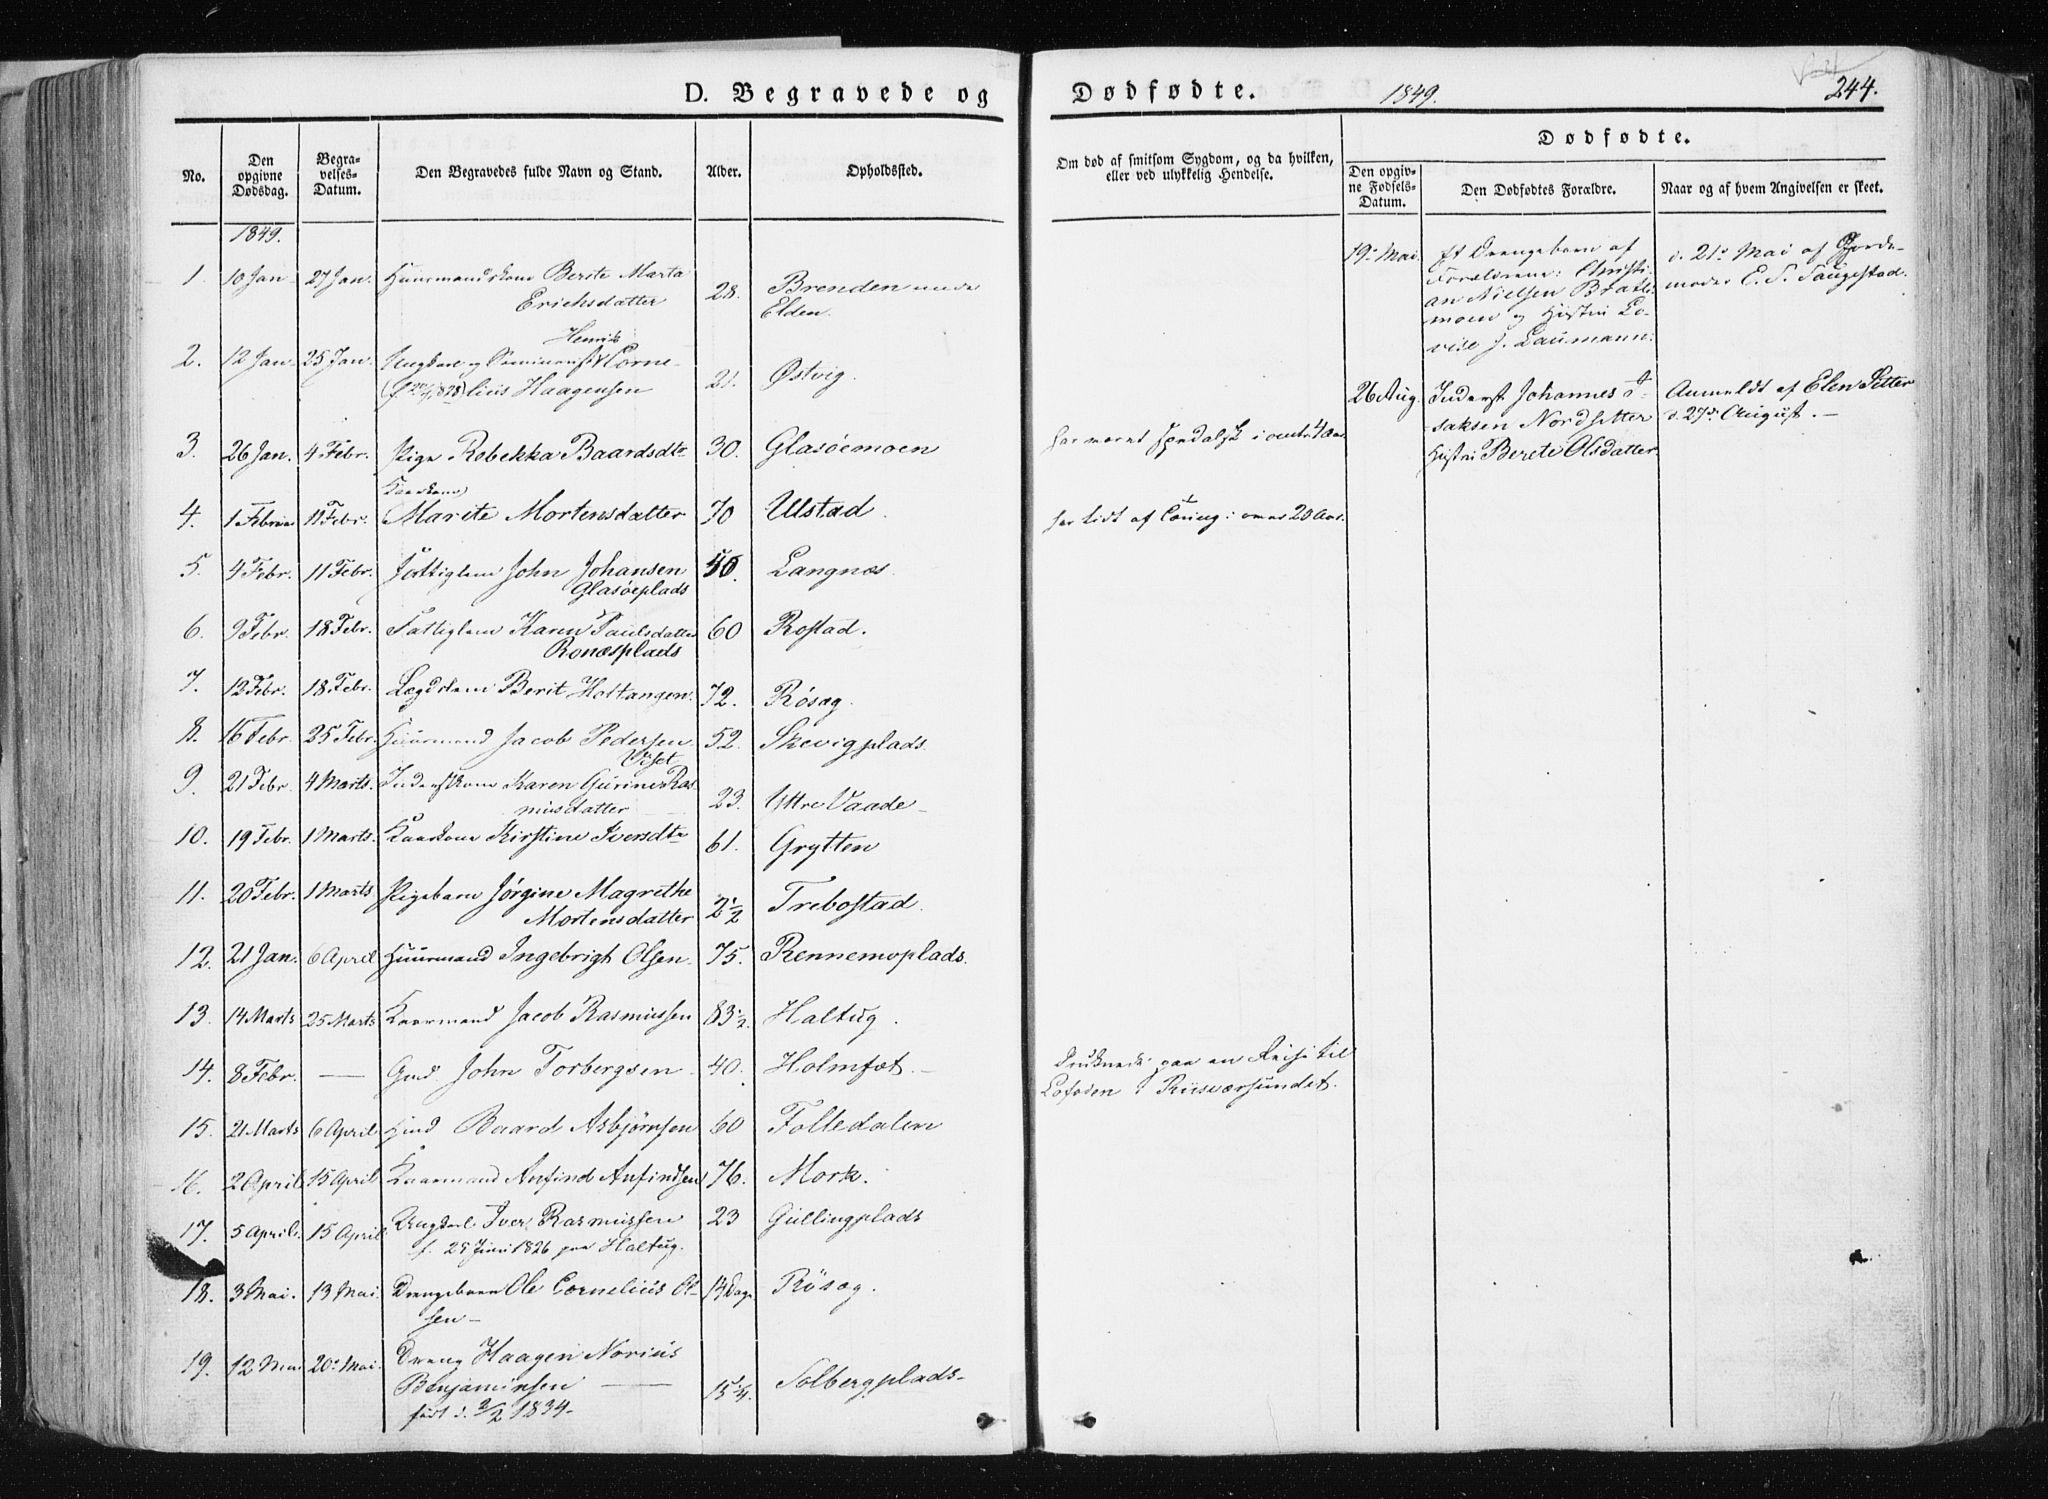 SAT, Ministerialprotokoller, klokkerbøker og fødselsregistre - Nord-Trøndelag, 741/L0393: Ministerialbok nr. 741A07, 1849-1863, s. 244